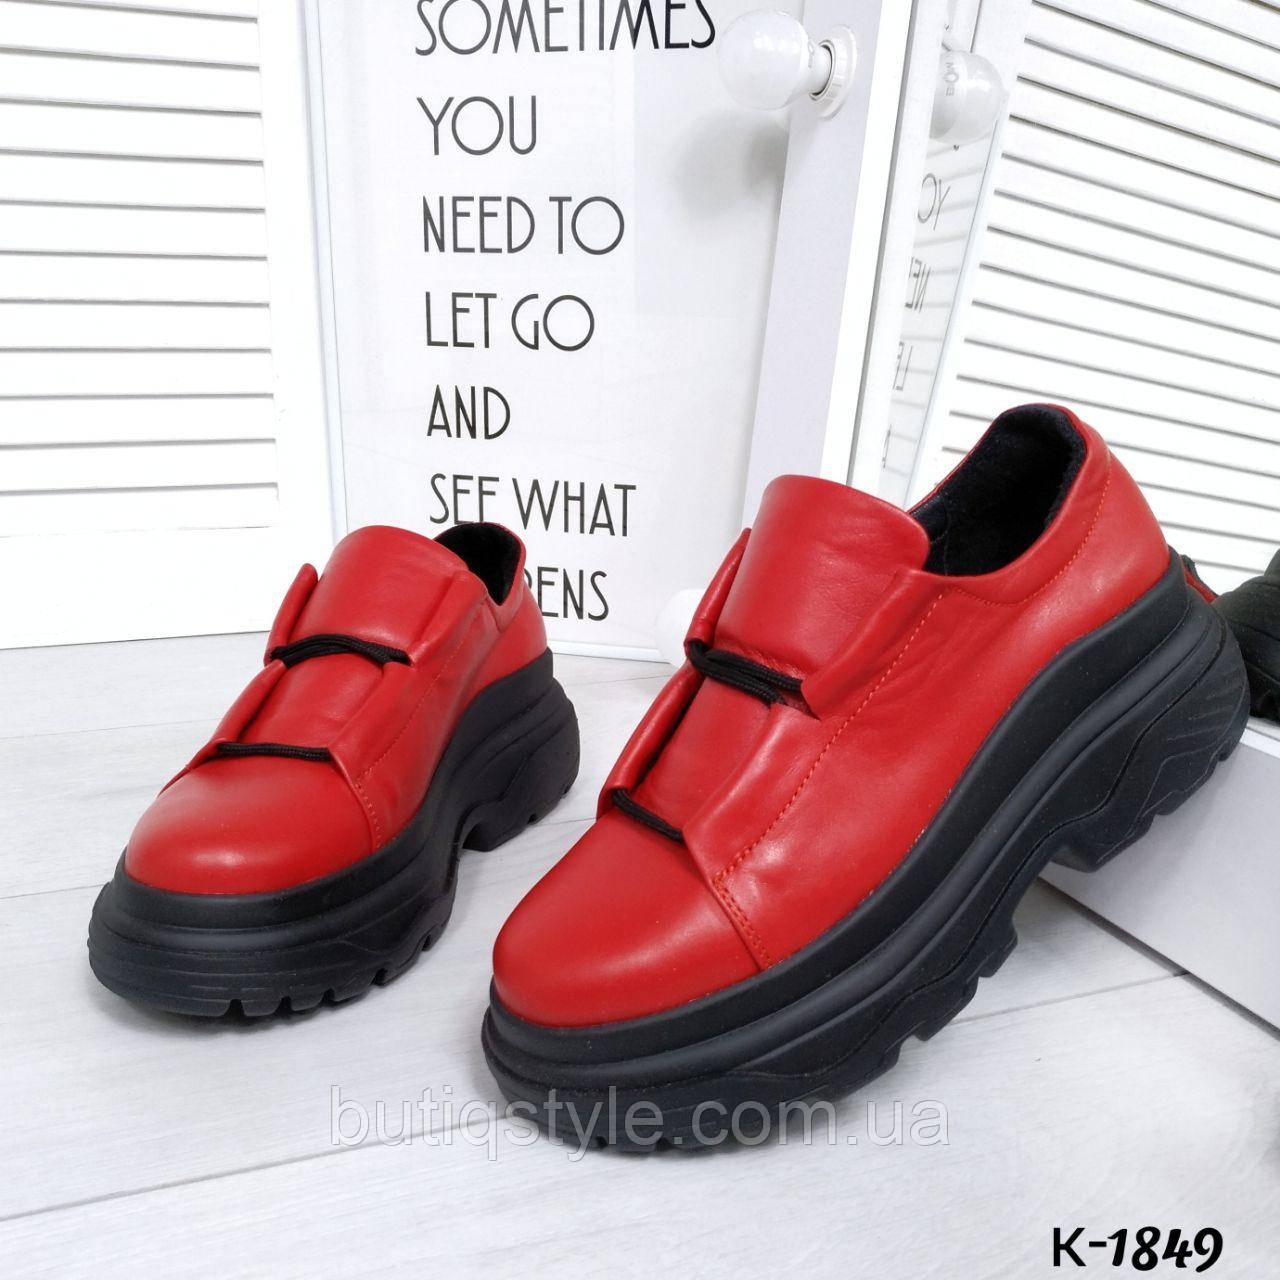 Крутые красные кроссовки натуральная кожа на черной платформе